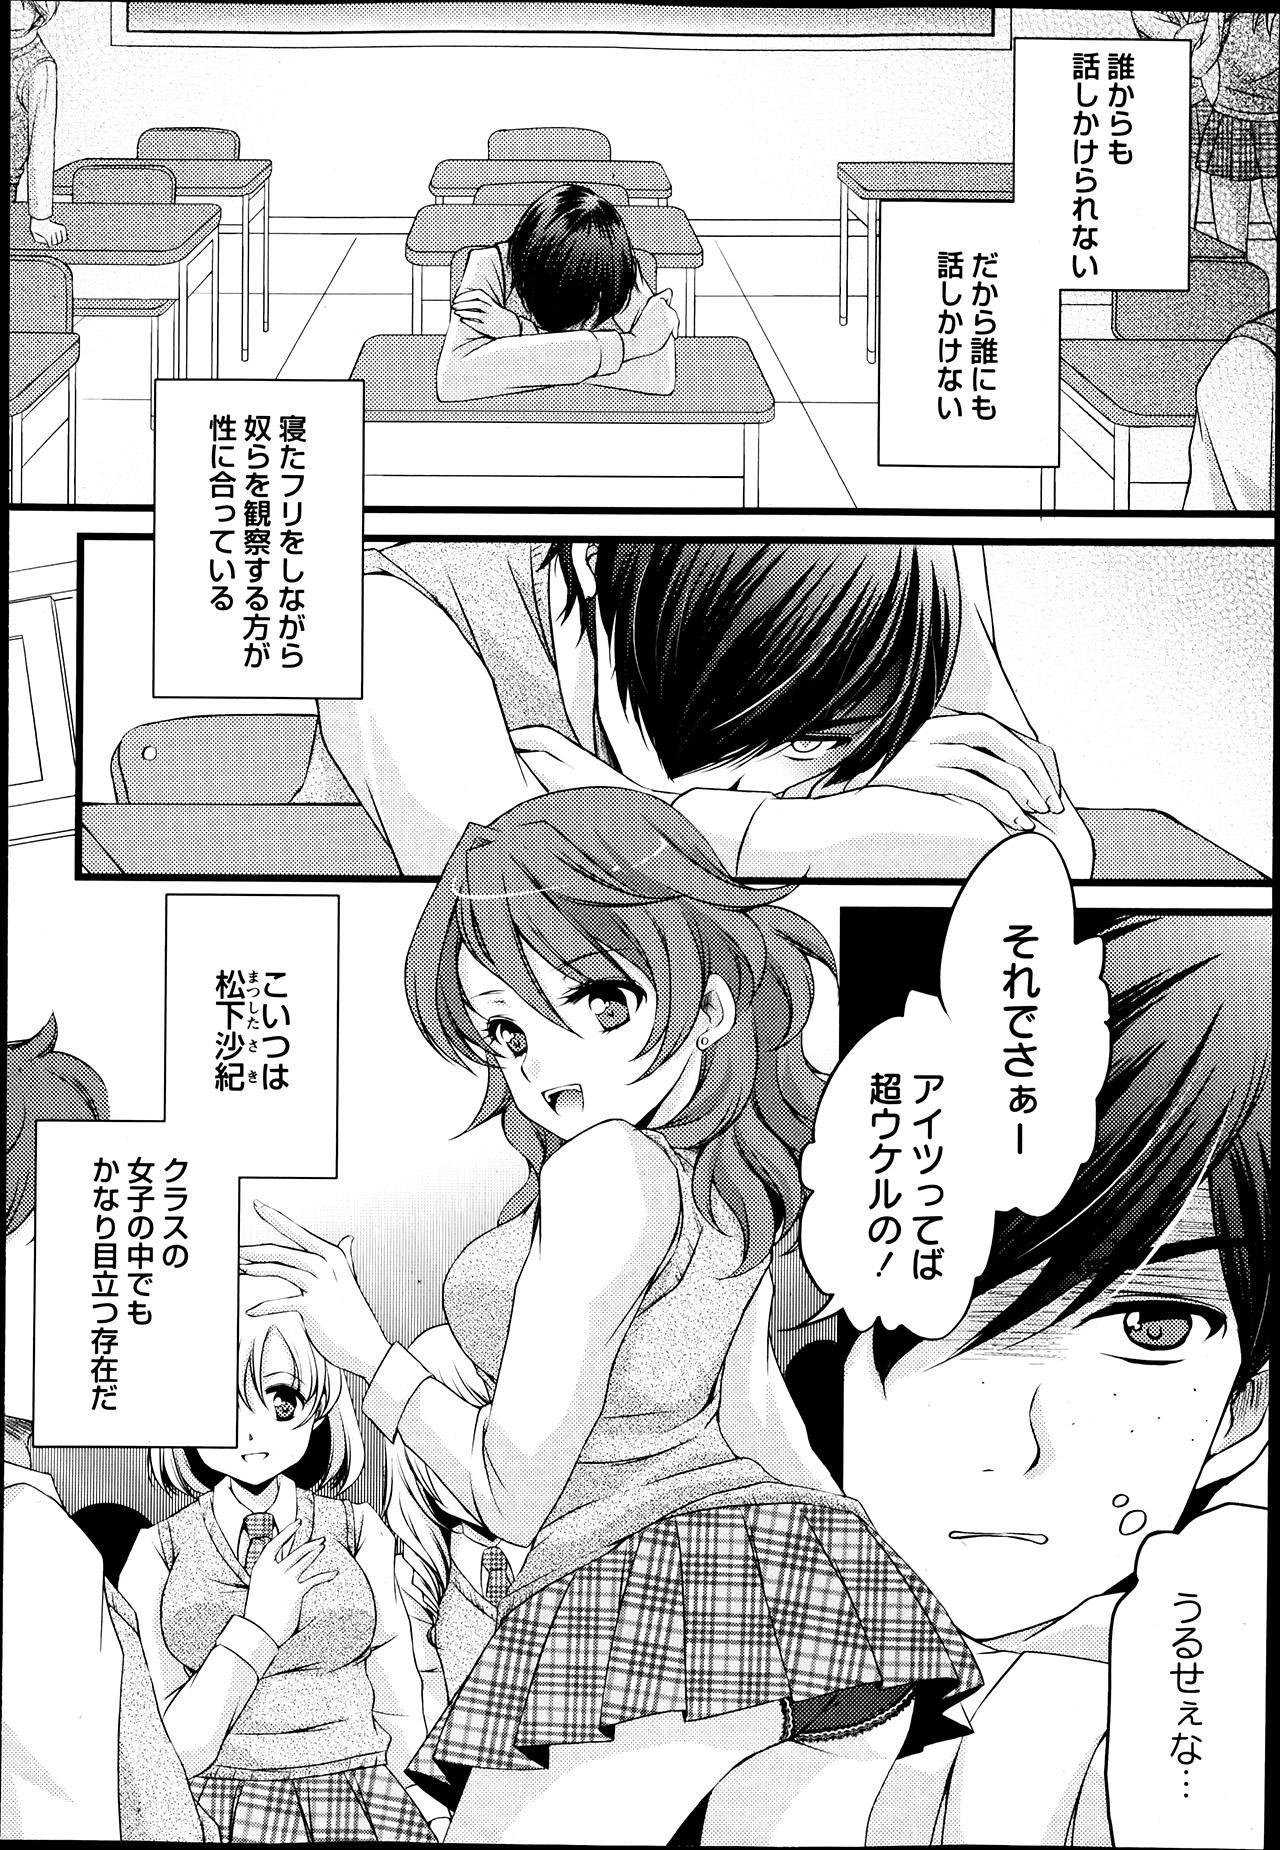 [Aoi Yumi] Kamen no Daishou ~Rensa Suru Ryoujoku~ Ch.1-5 1